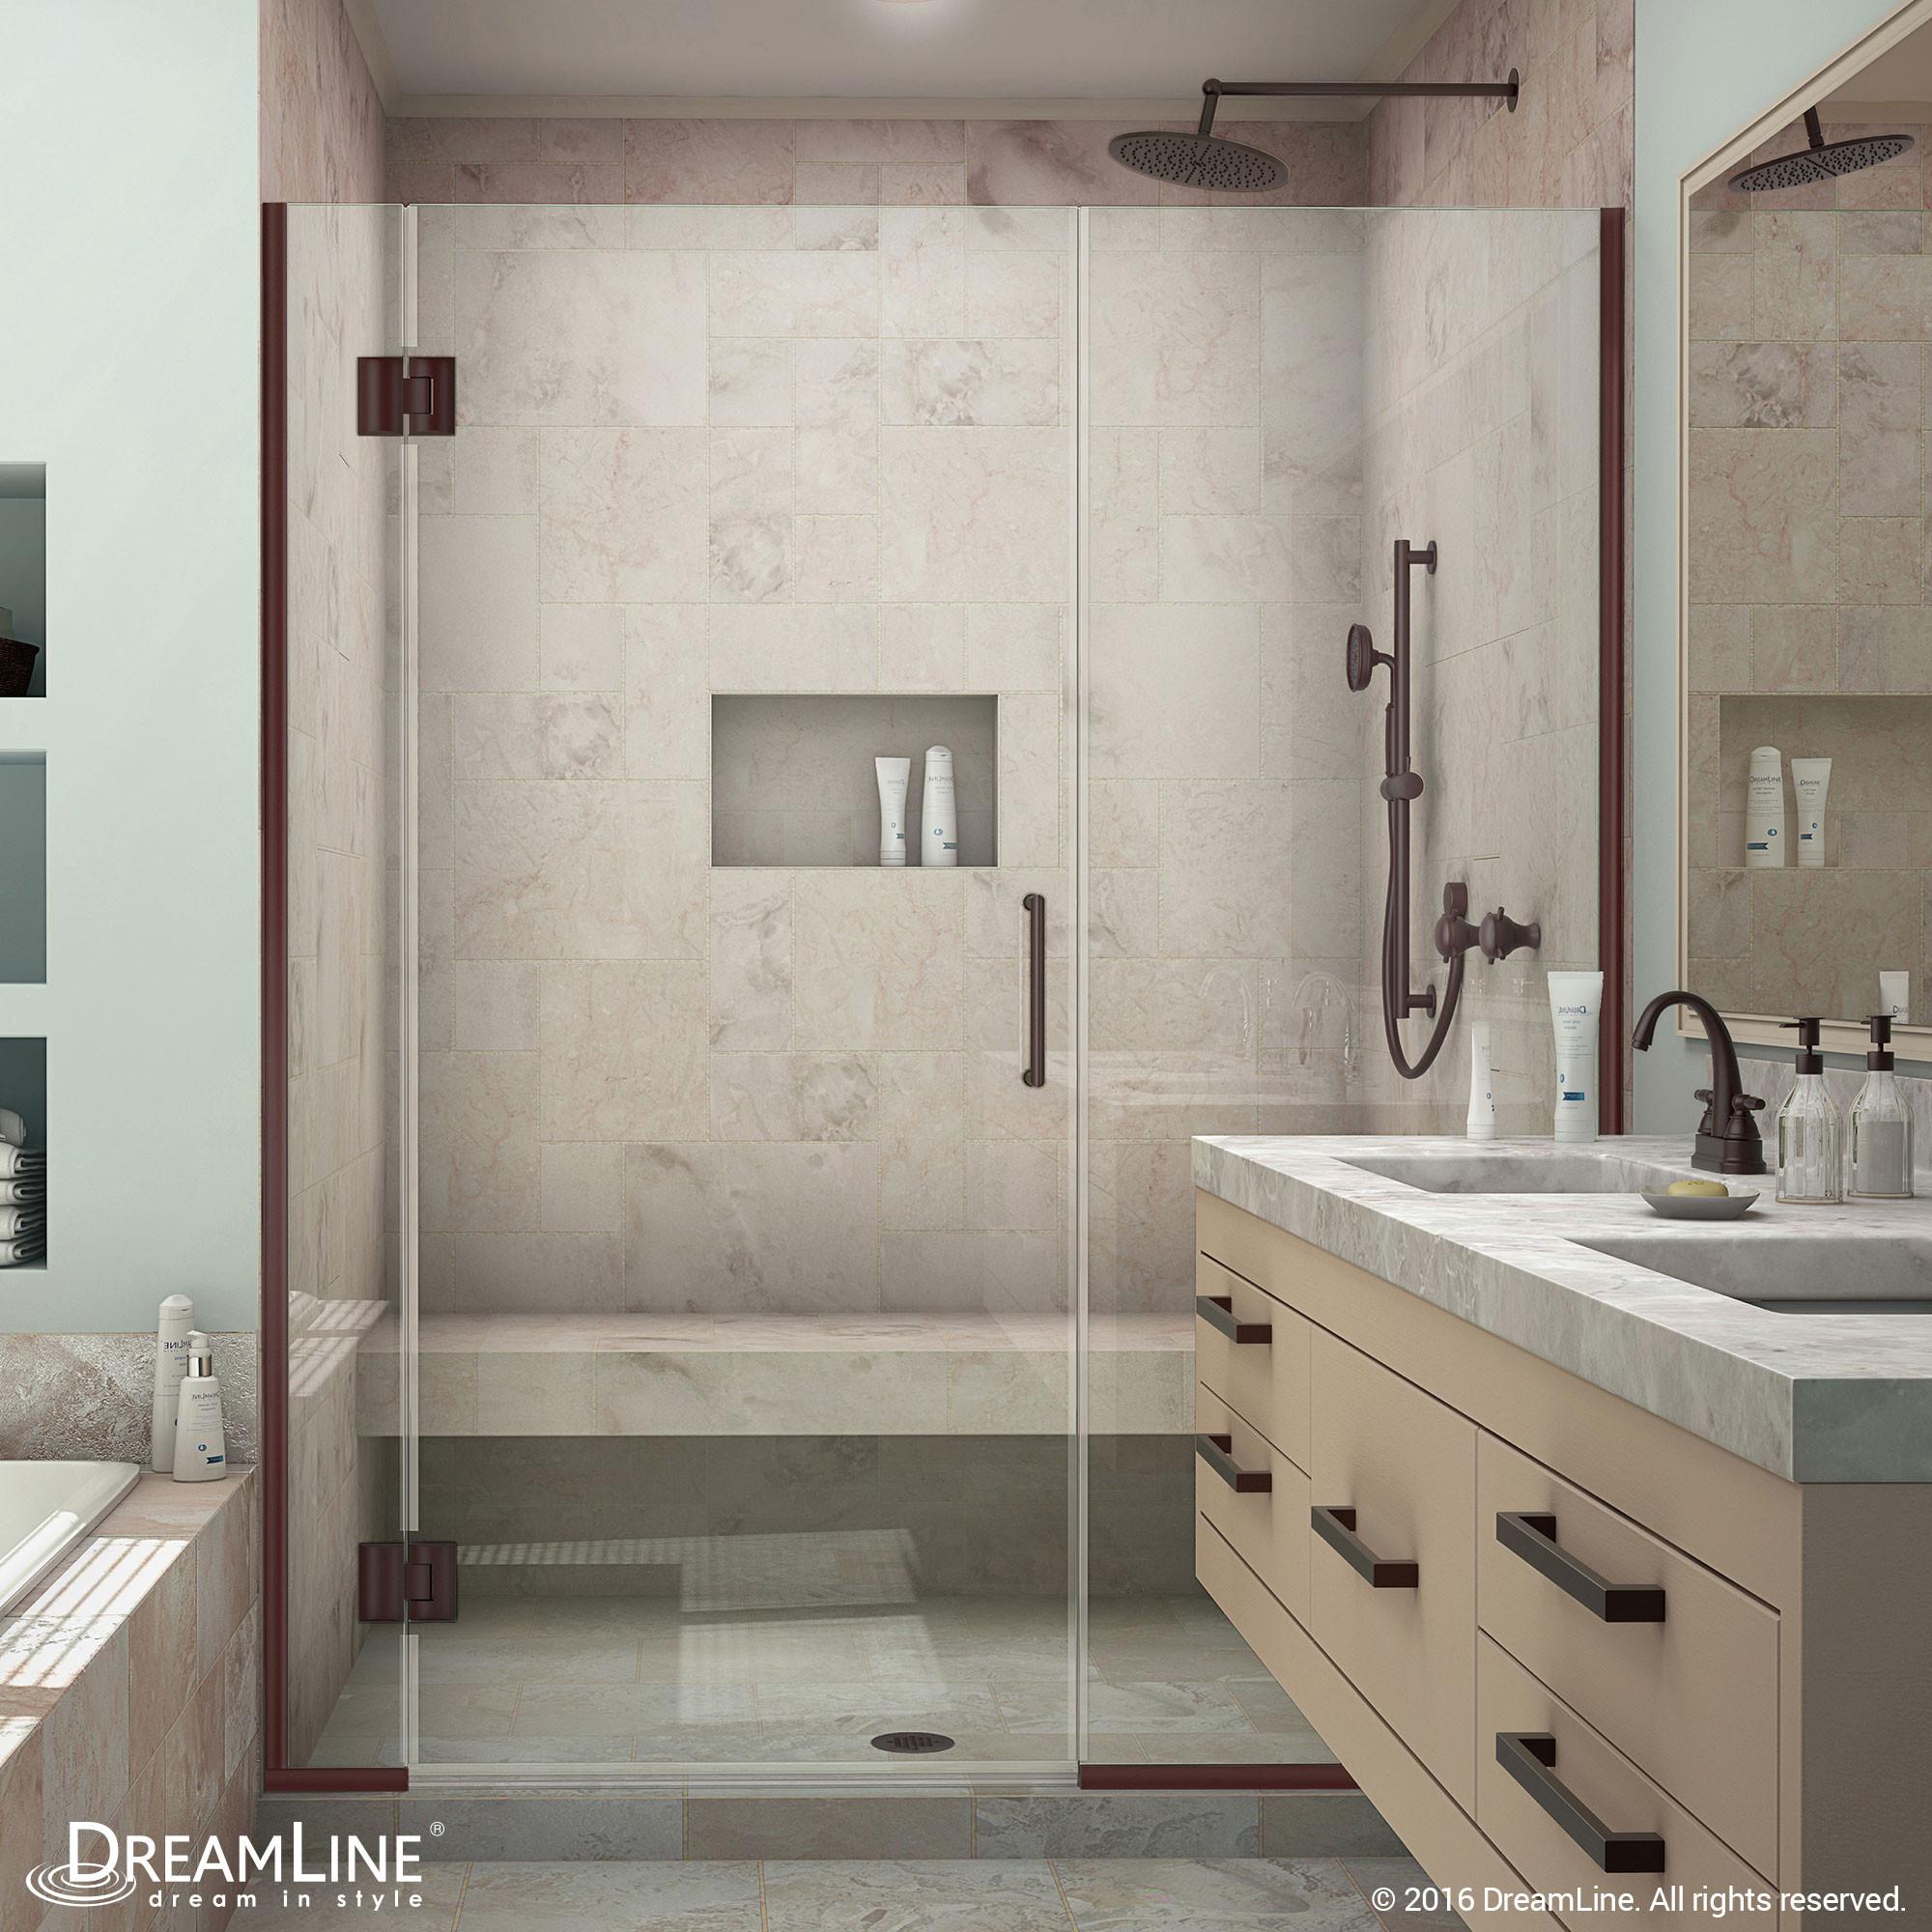 DreamLine D12622572-06 Oil Rubbed Bronze Unidoor-X 54 1/2 - 55 in. W x 72 in. H Hinged Shower Door